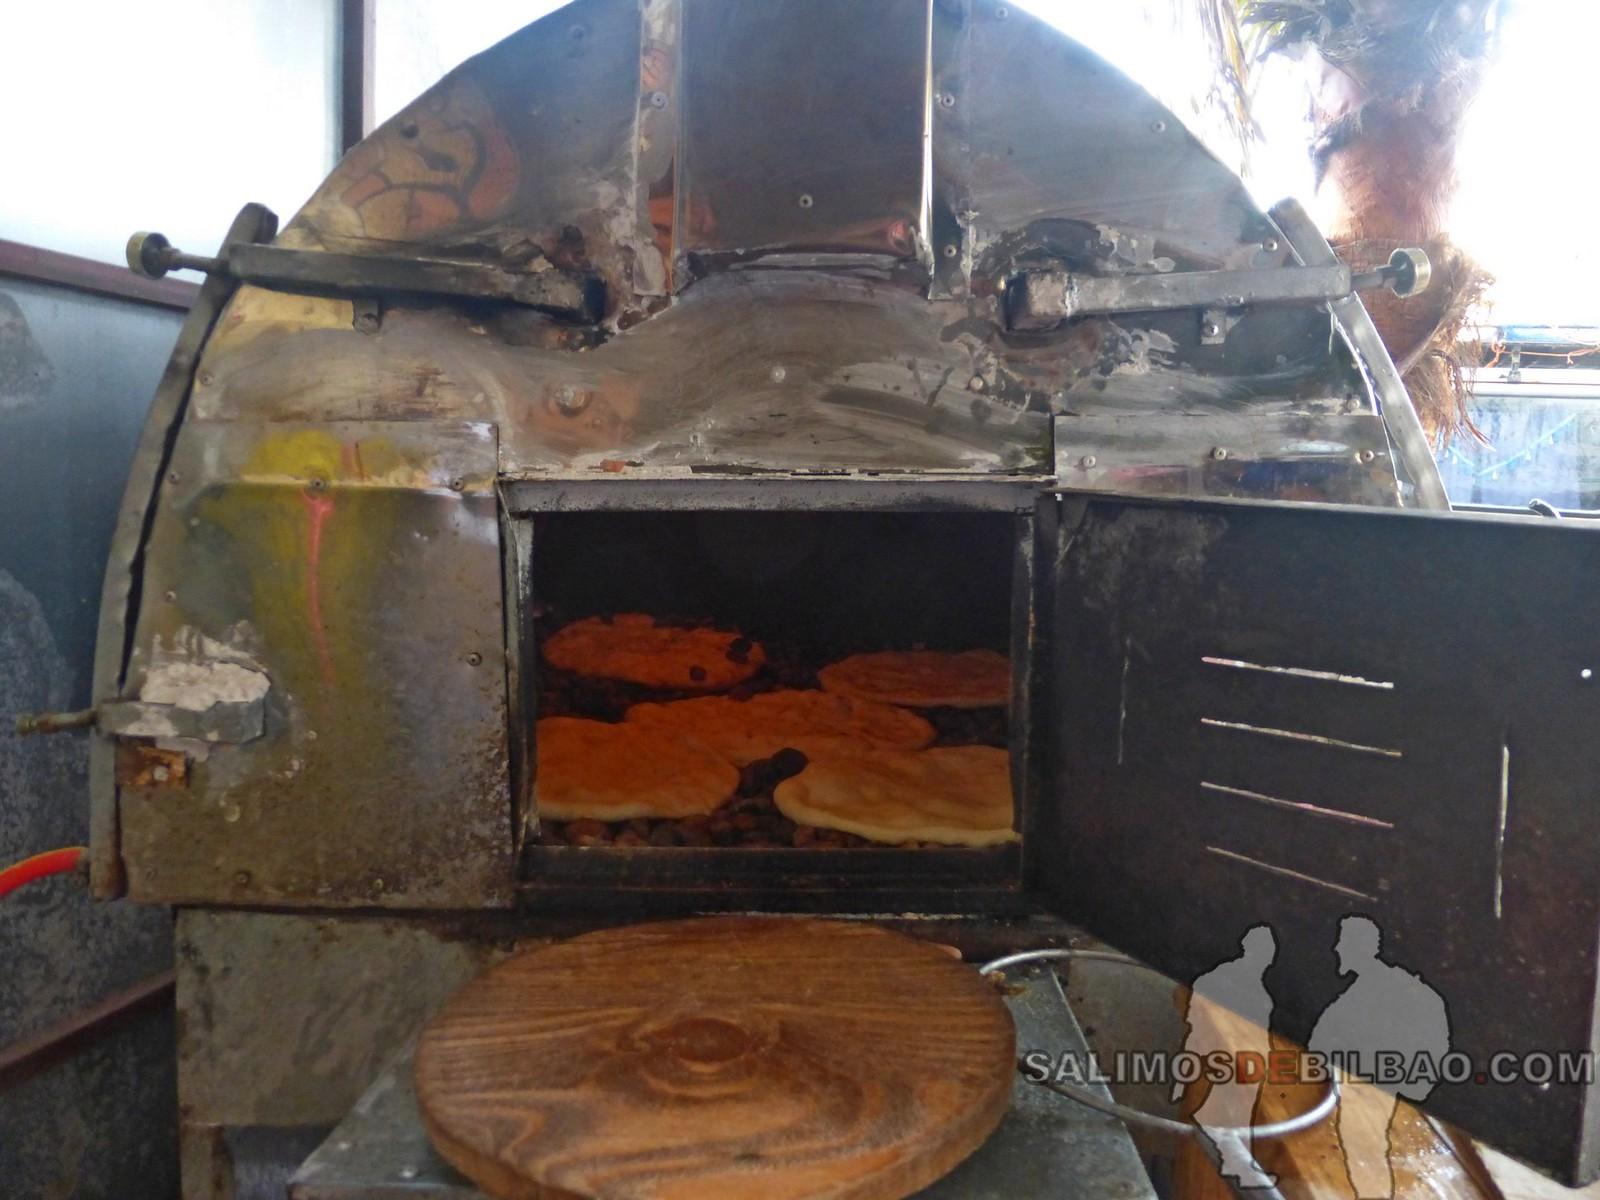 185. Torta de pan al horno de piedras, Dakhla